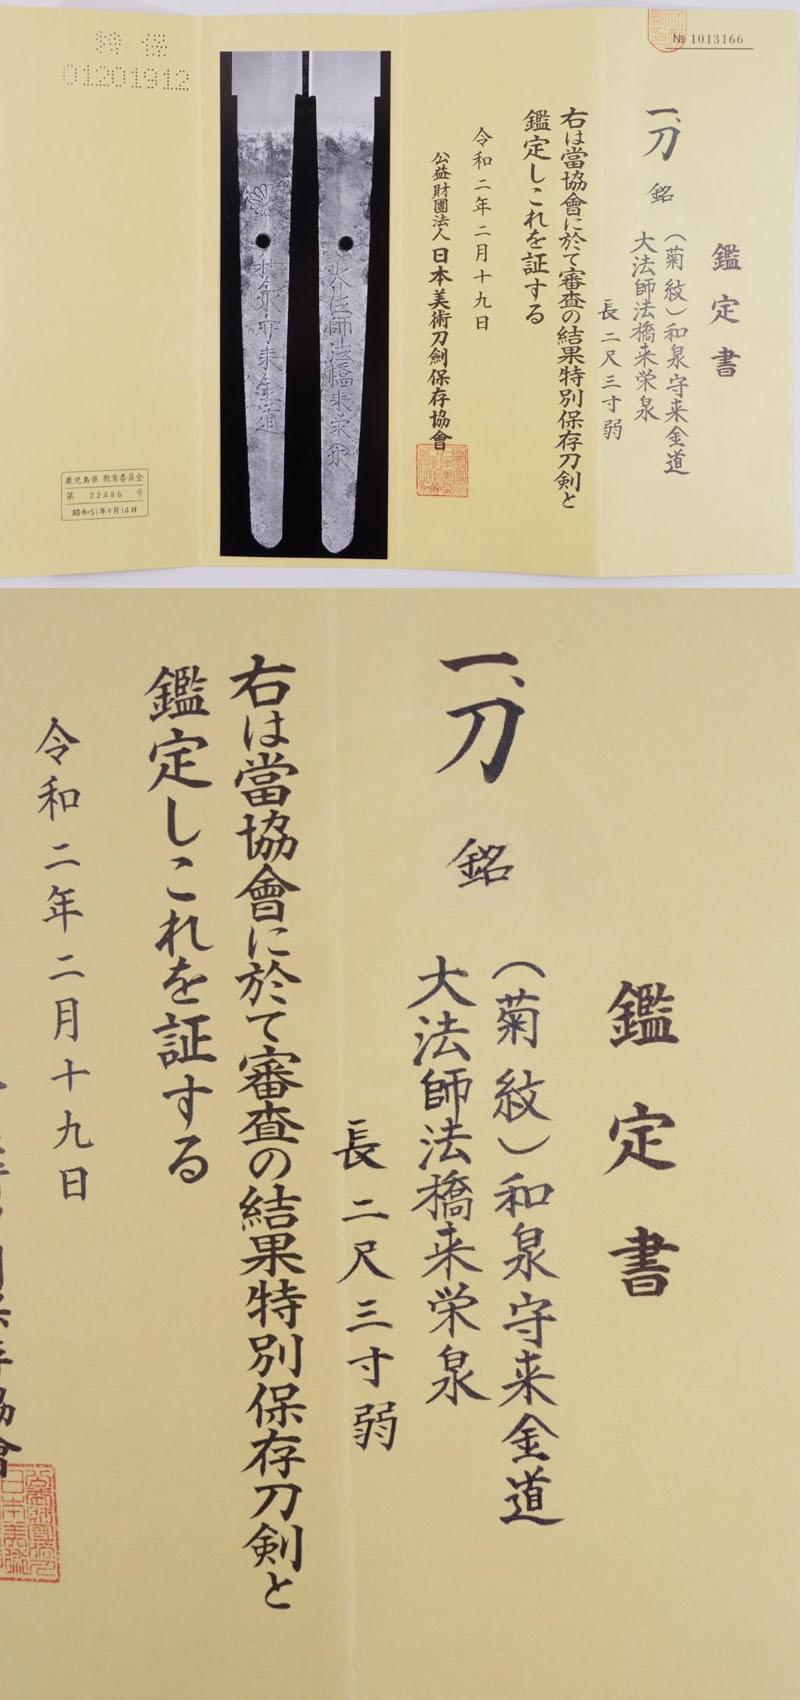 刀 (菊紋)和泉守来金道 大法師法橋来栄泉鑑定書画像